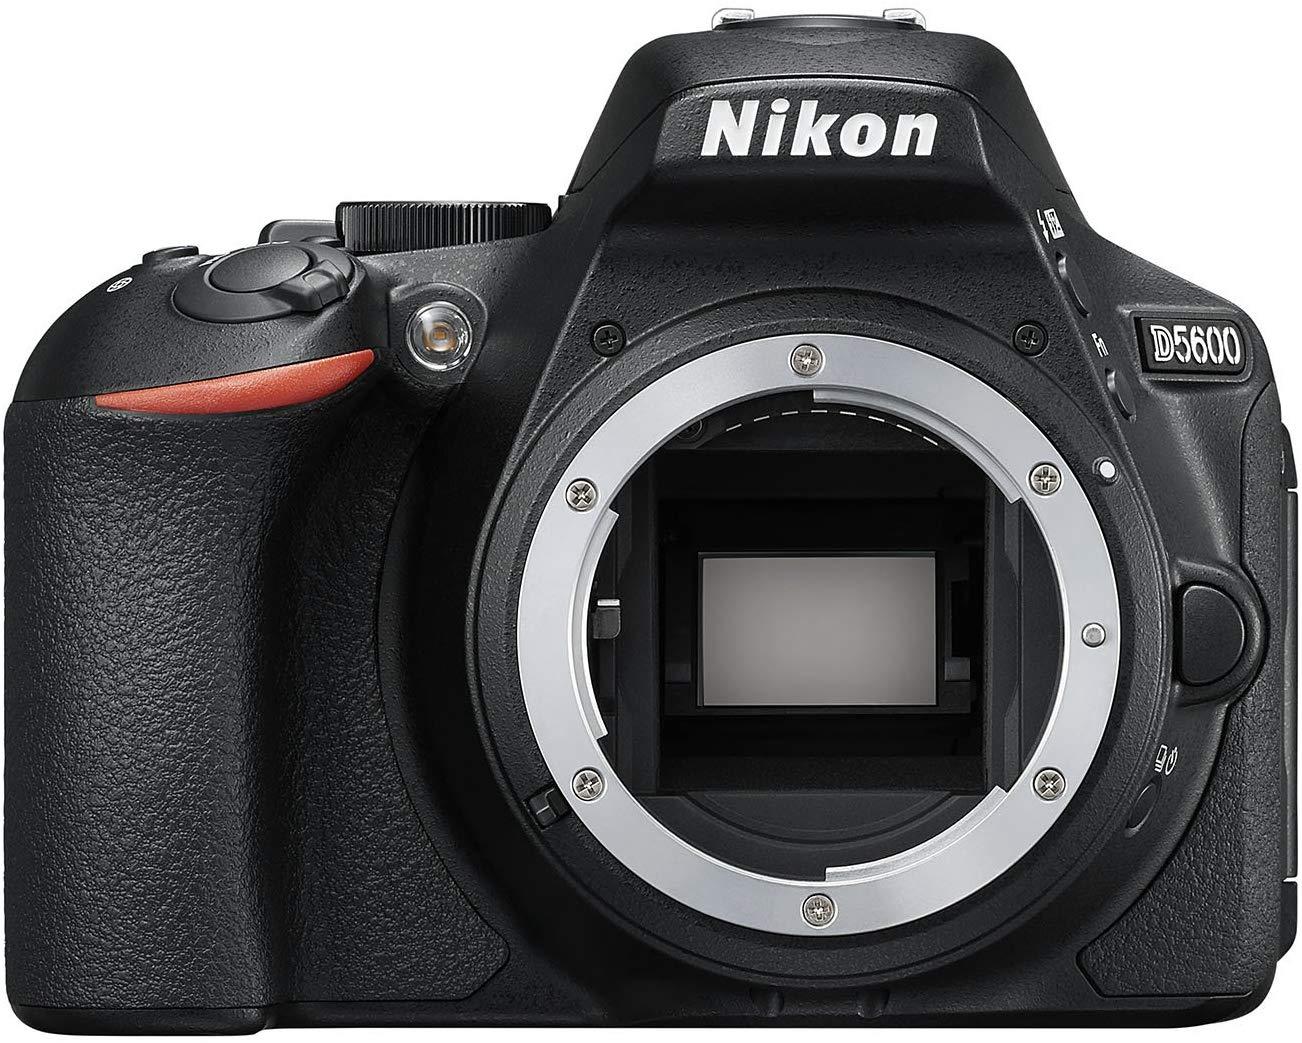 Nikkon D5600